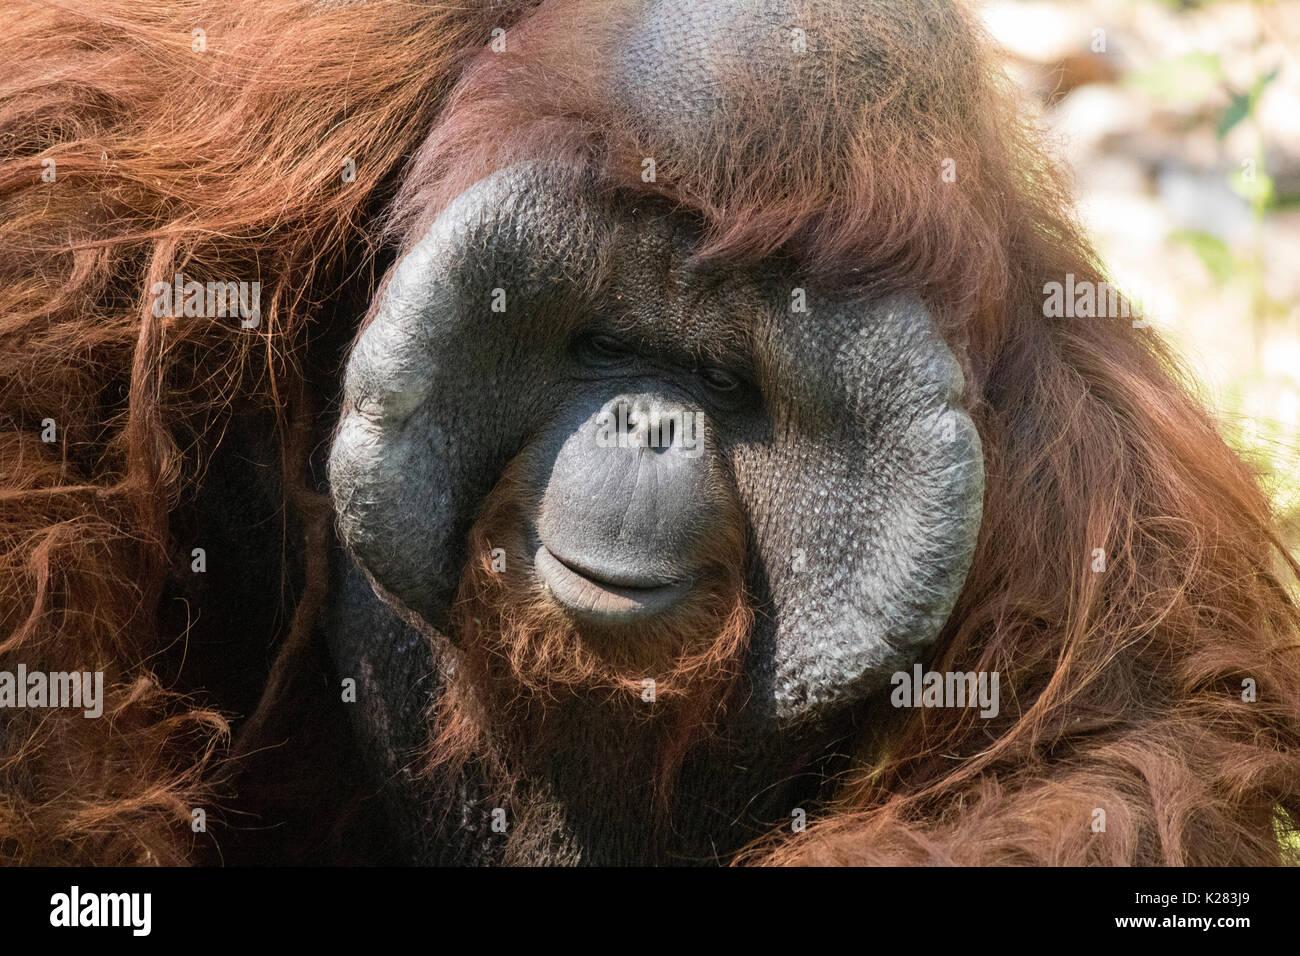 Orangutan in attesa per le persone a prendere le foto nel giardino zoologico in Thailandia, a volte sembrava triste Immagini Stock